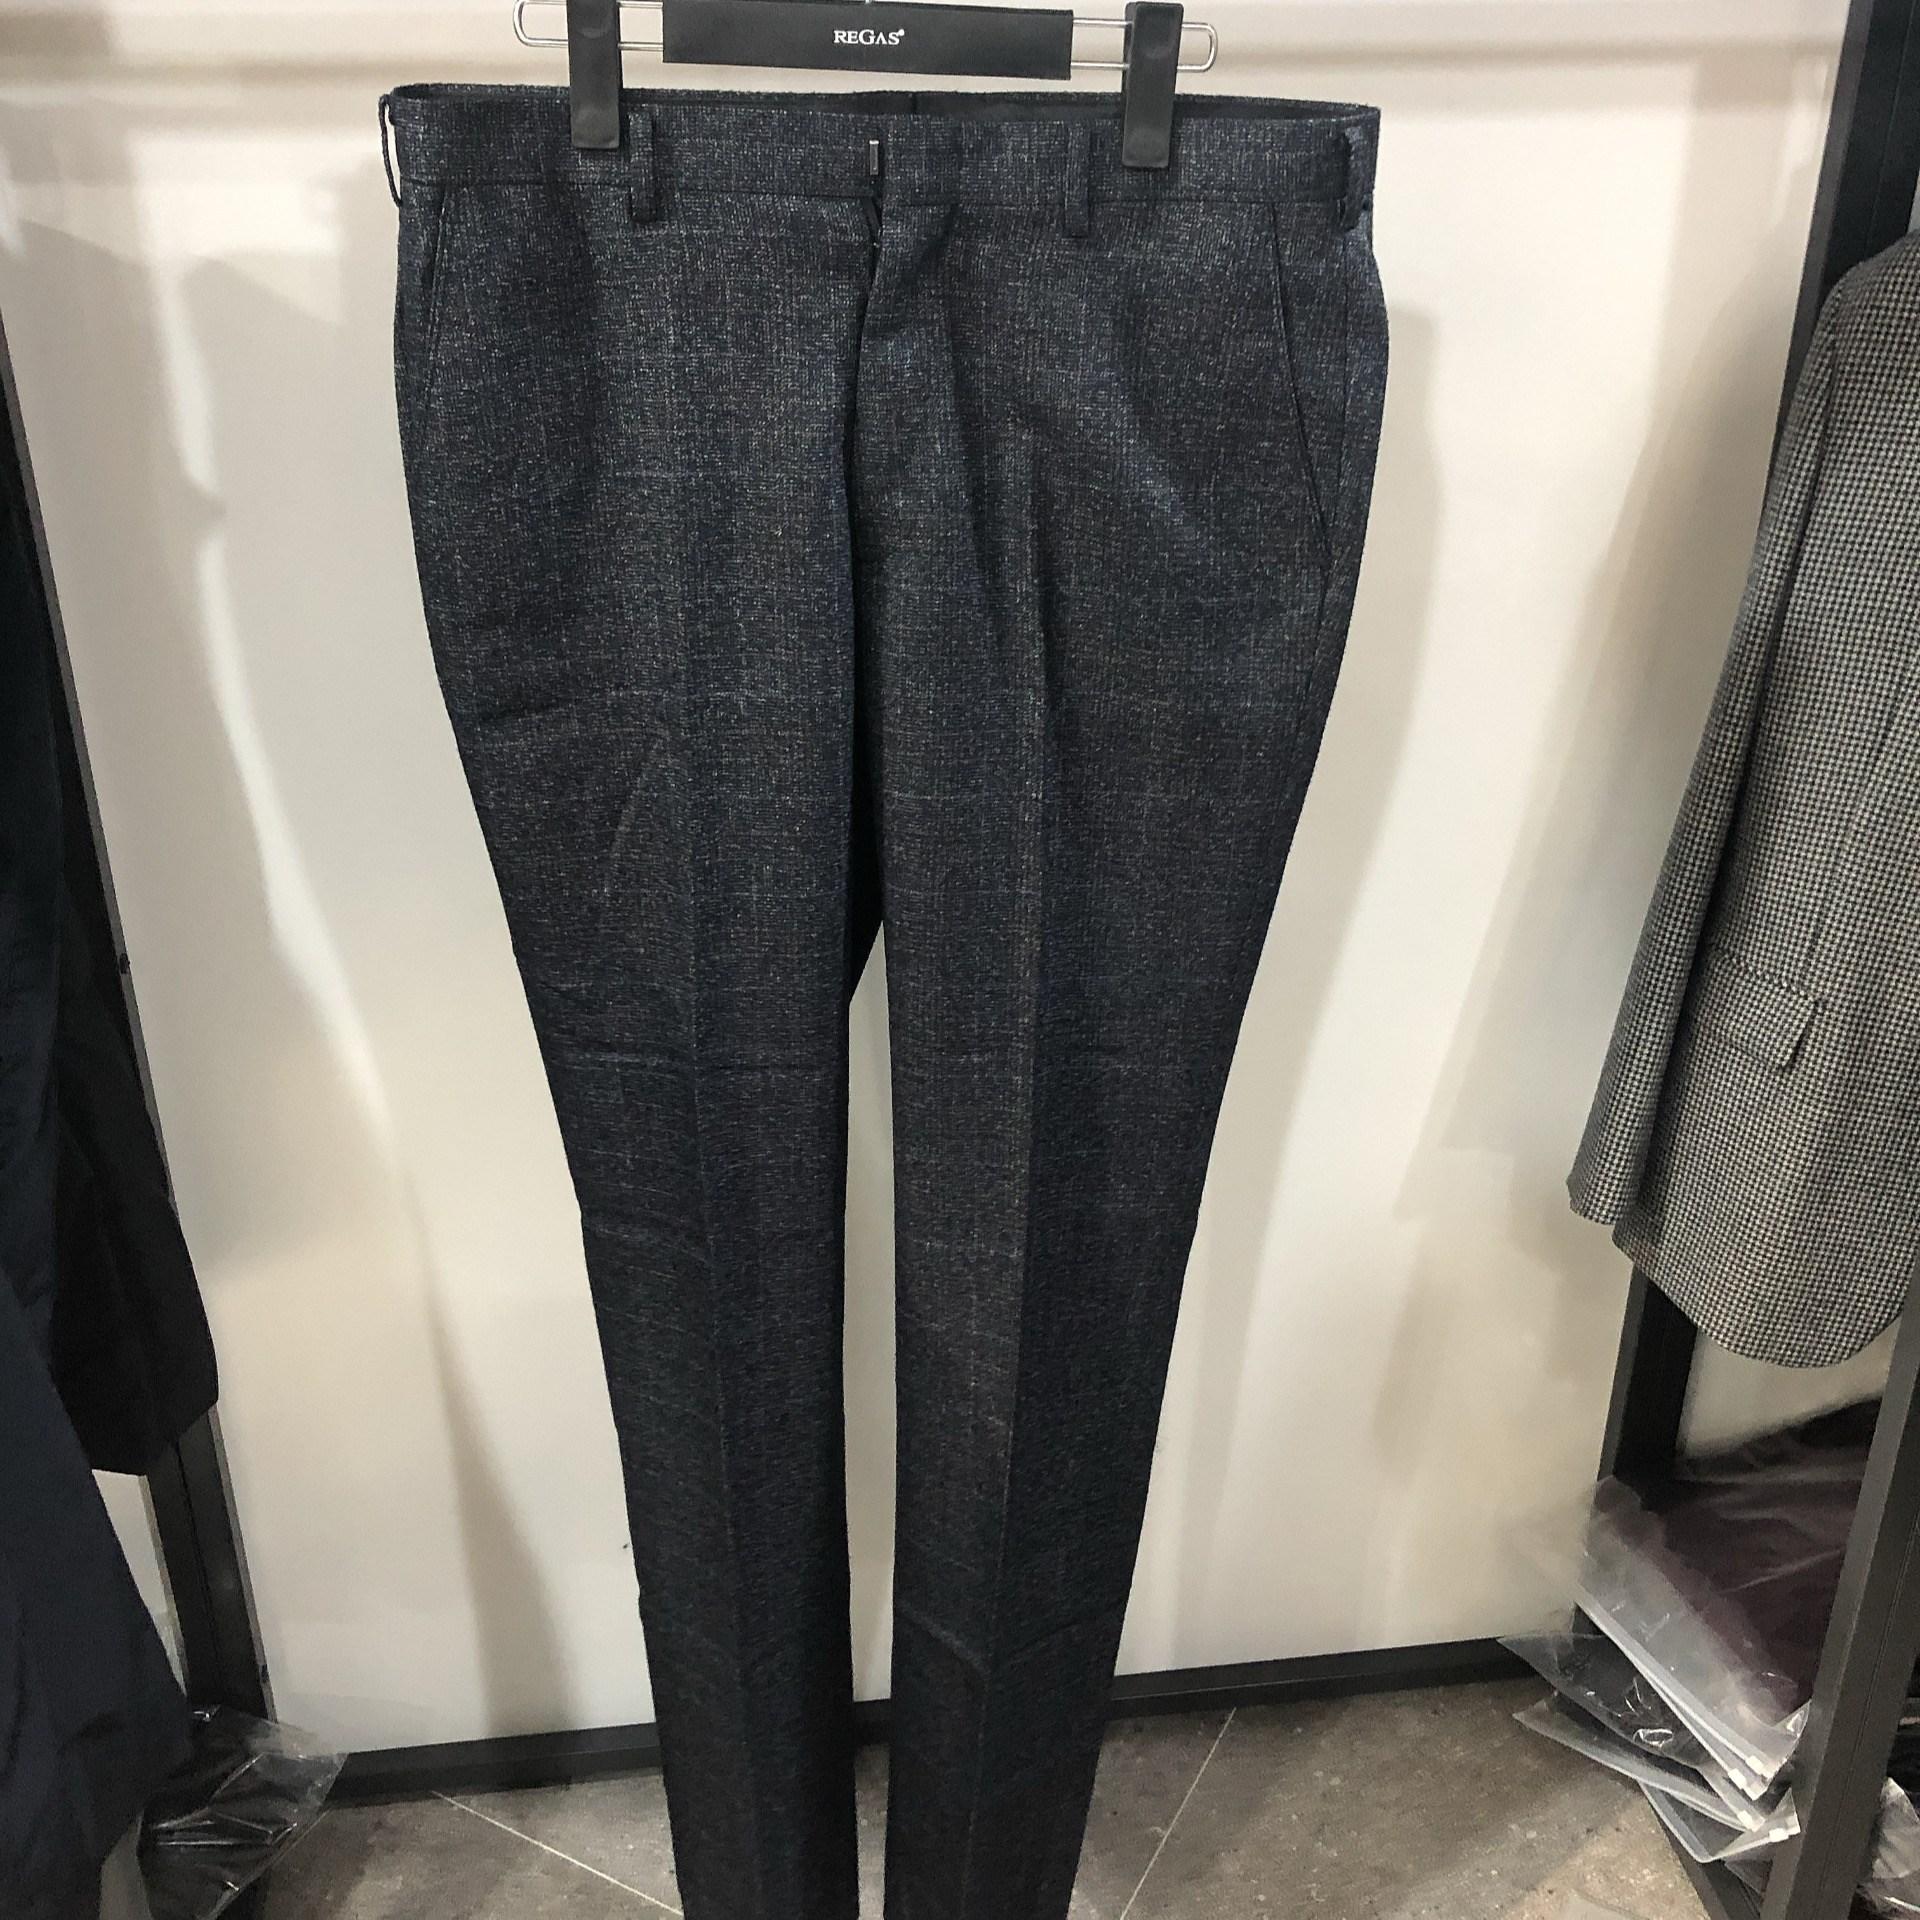 [행복한백화점][보스렌자]남성 기본라인 겨울용 정장팬츠 슬랙스 블루브라운체크 RAFSL1557